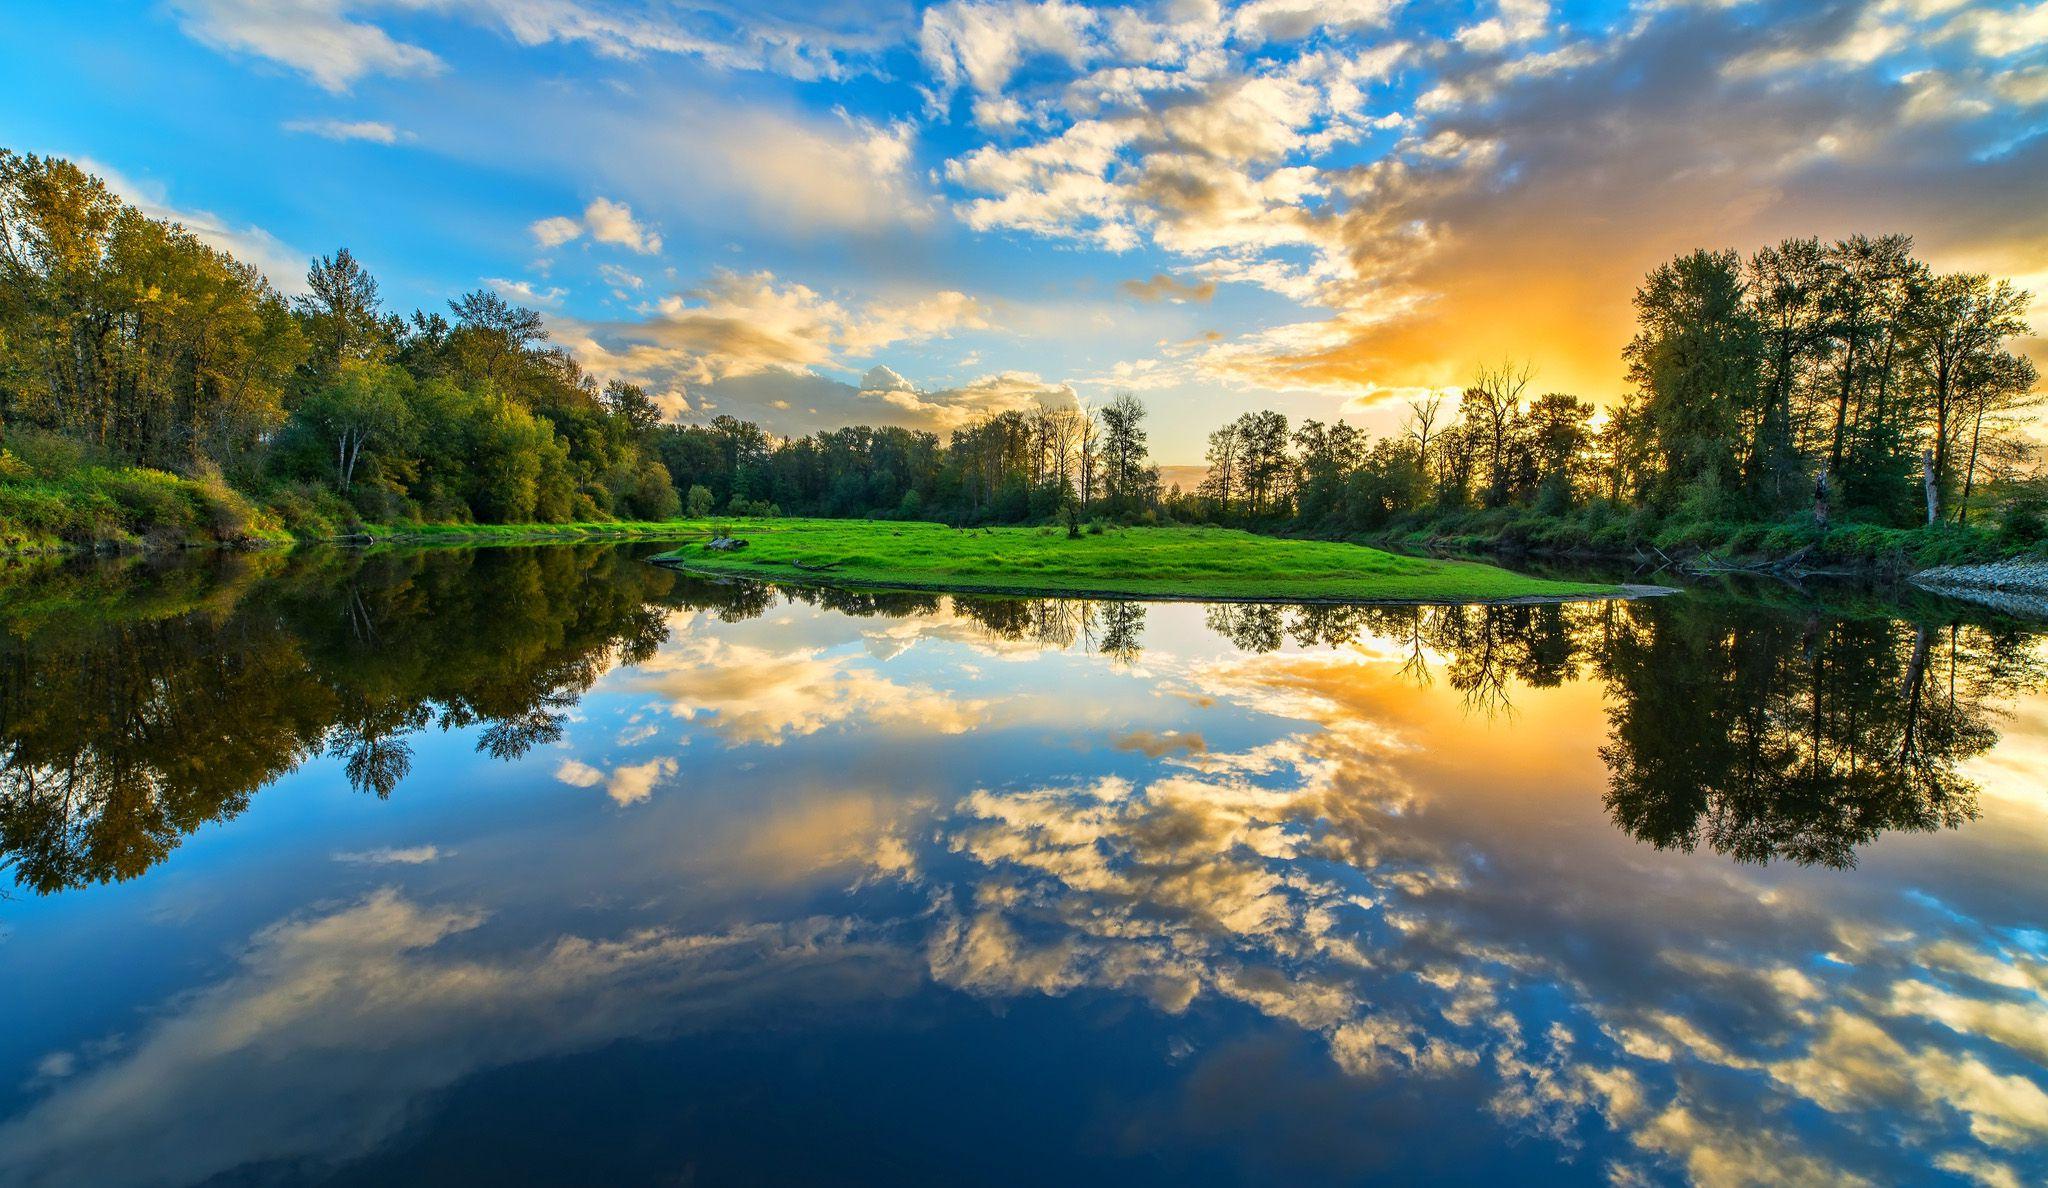 صور اجمل صور الطبيعه , طبيعة الكون الخلابة تسحر قلوبكم